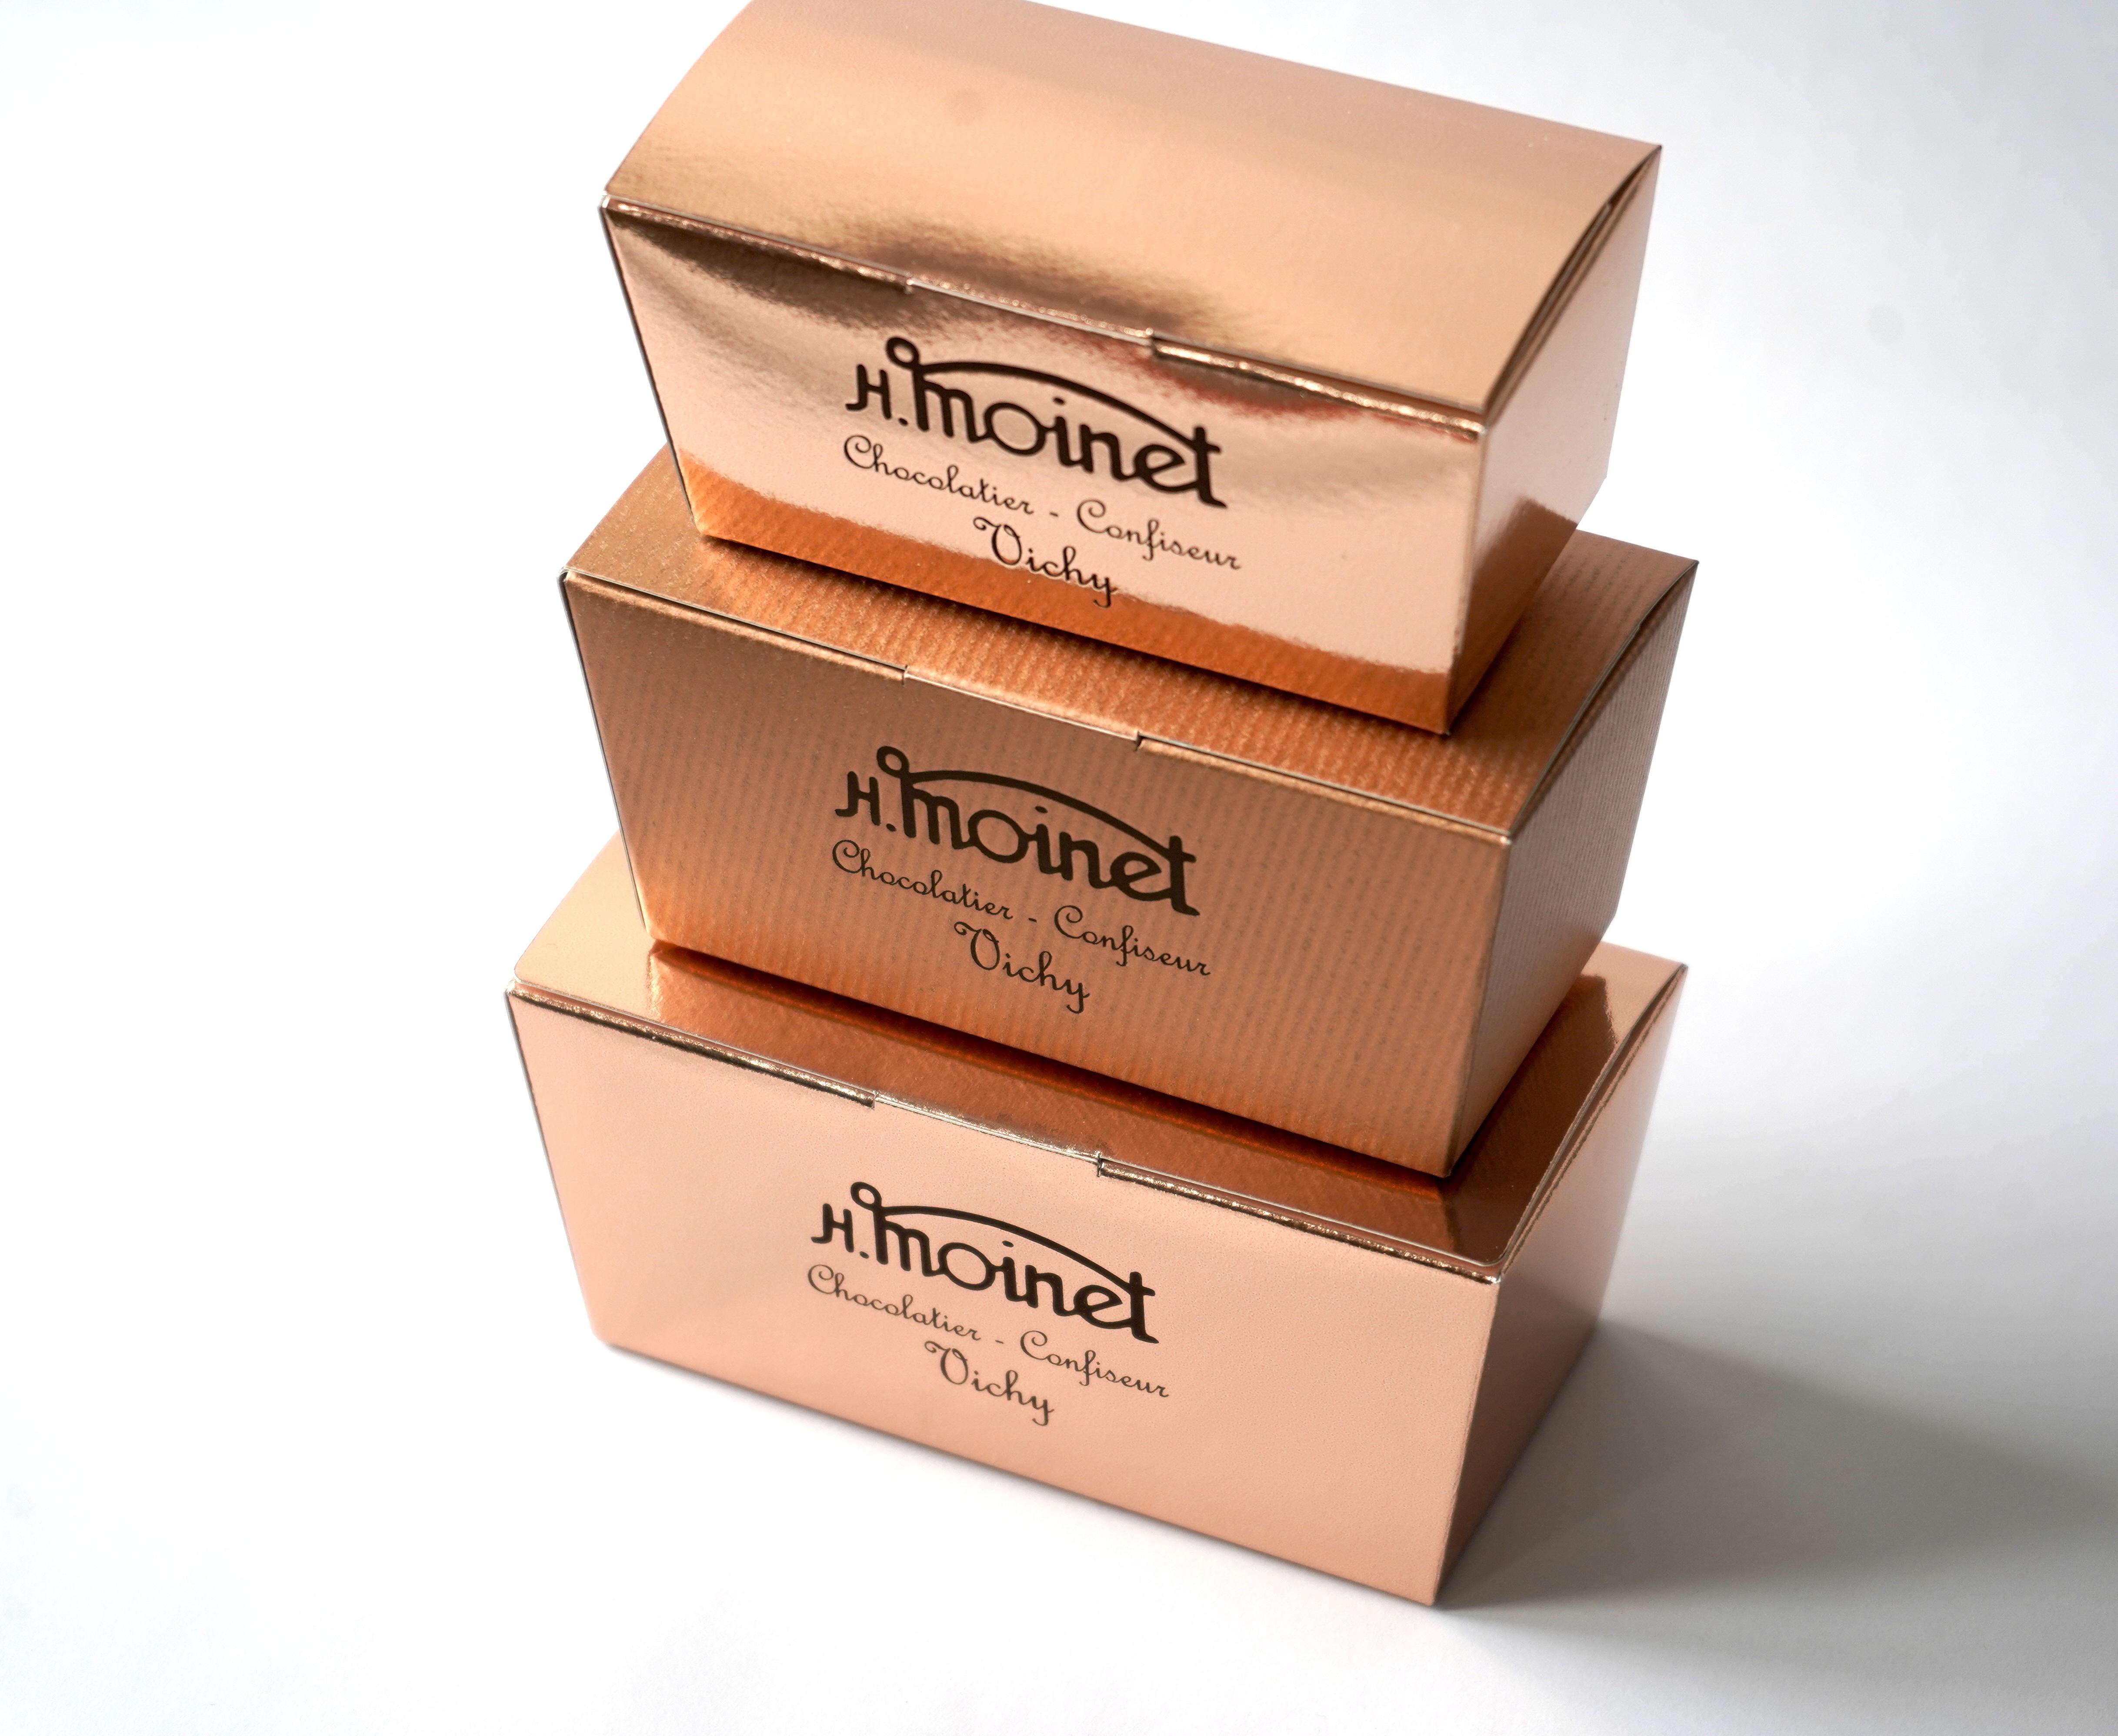 ballotins chocolats moinet 3